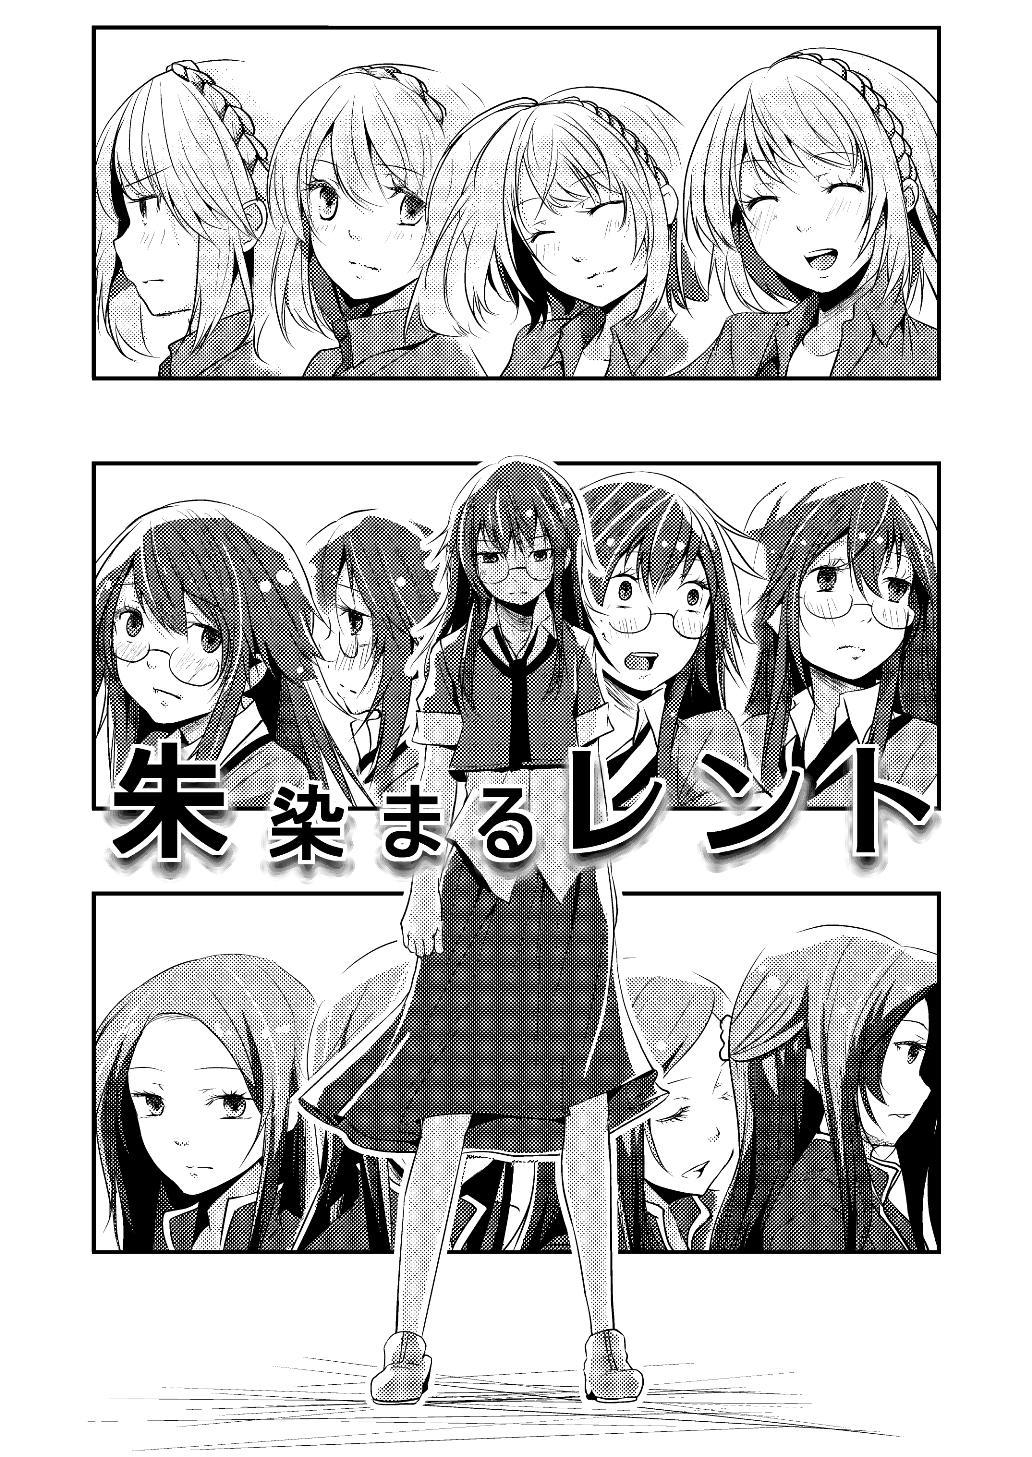 Yakusoku no Sora to Kimigaita Basho 1 ~ 2 43